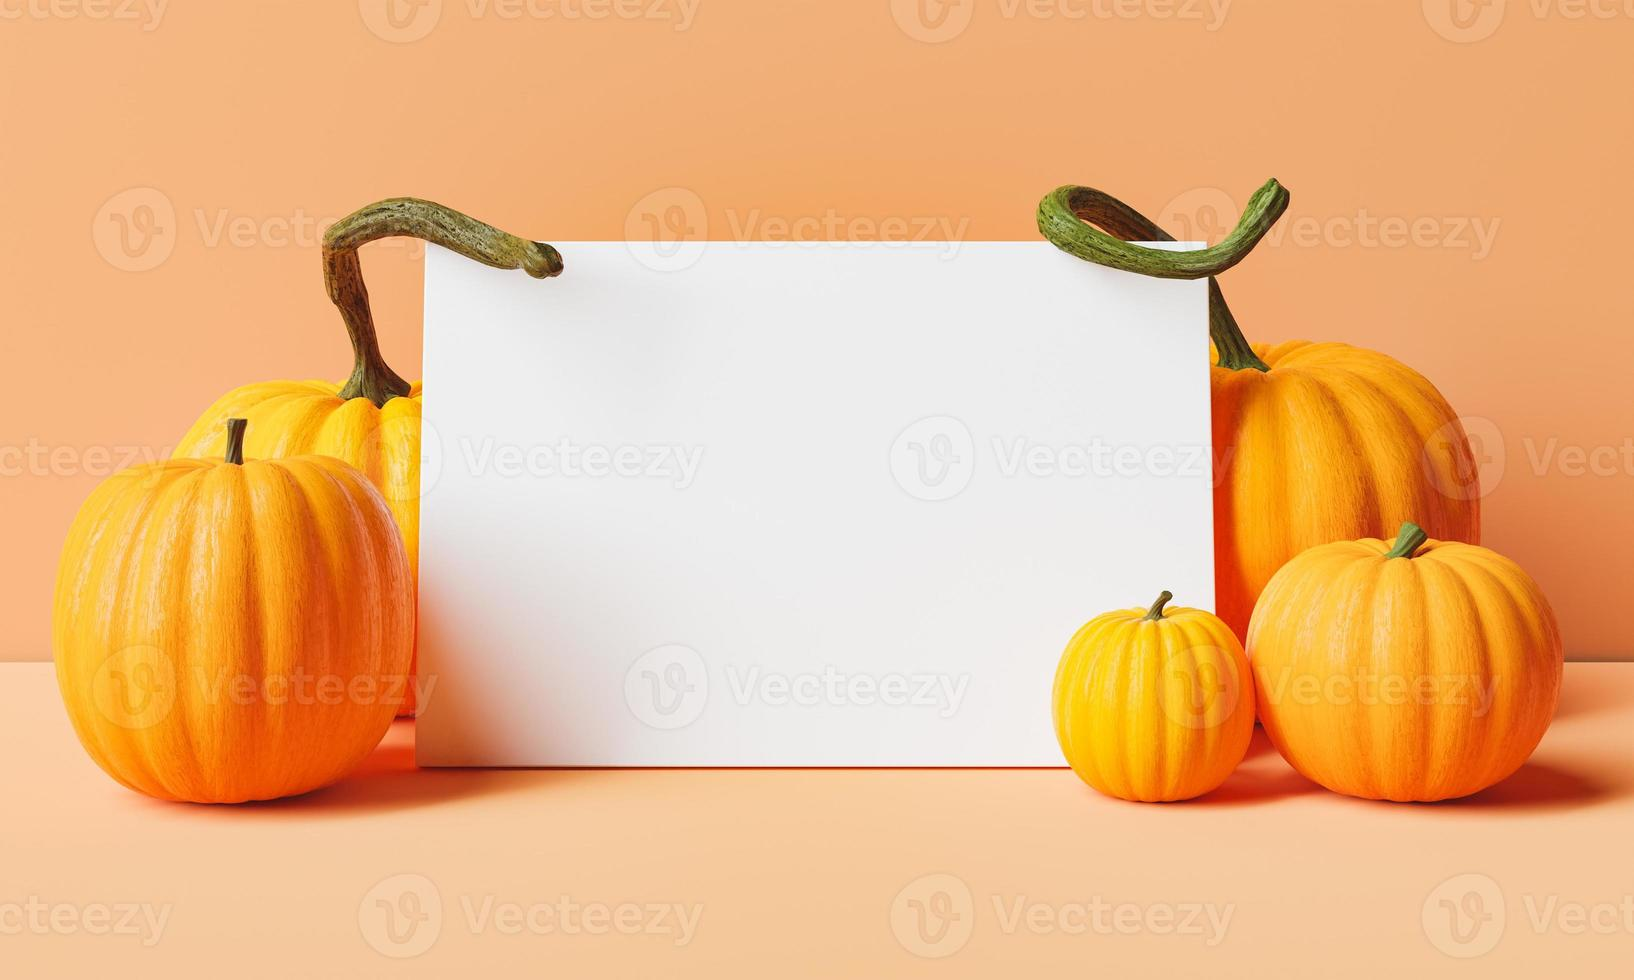 leeg frame met pompoenen rond op pastelachtergrond foto